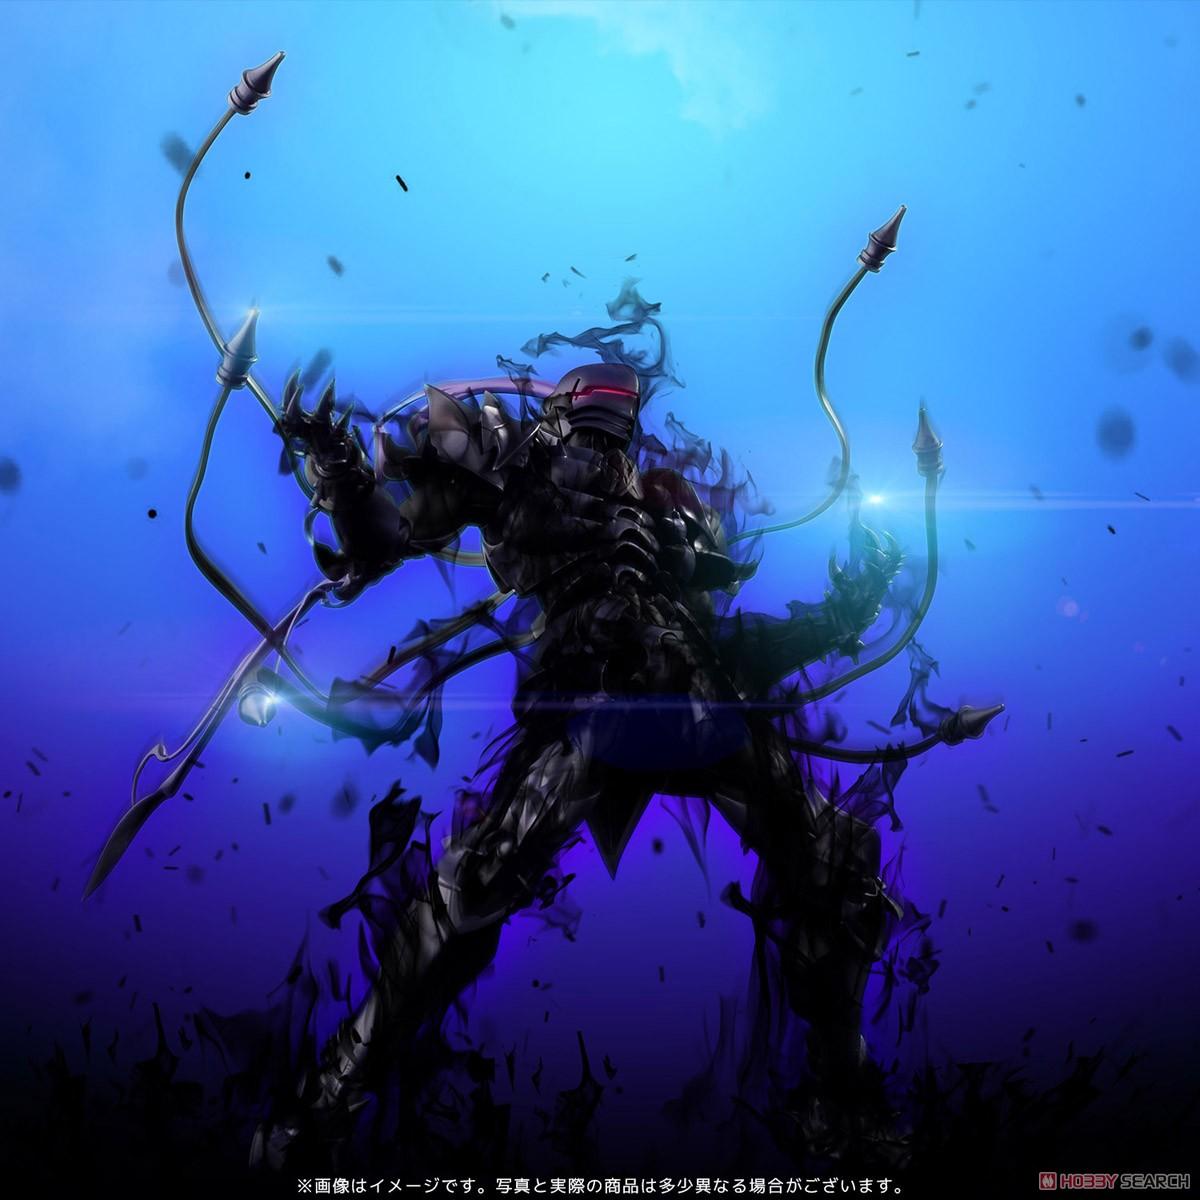 Fate/Grand Order『バーサーカー/ランスロット』可動フィギュア-012